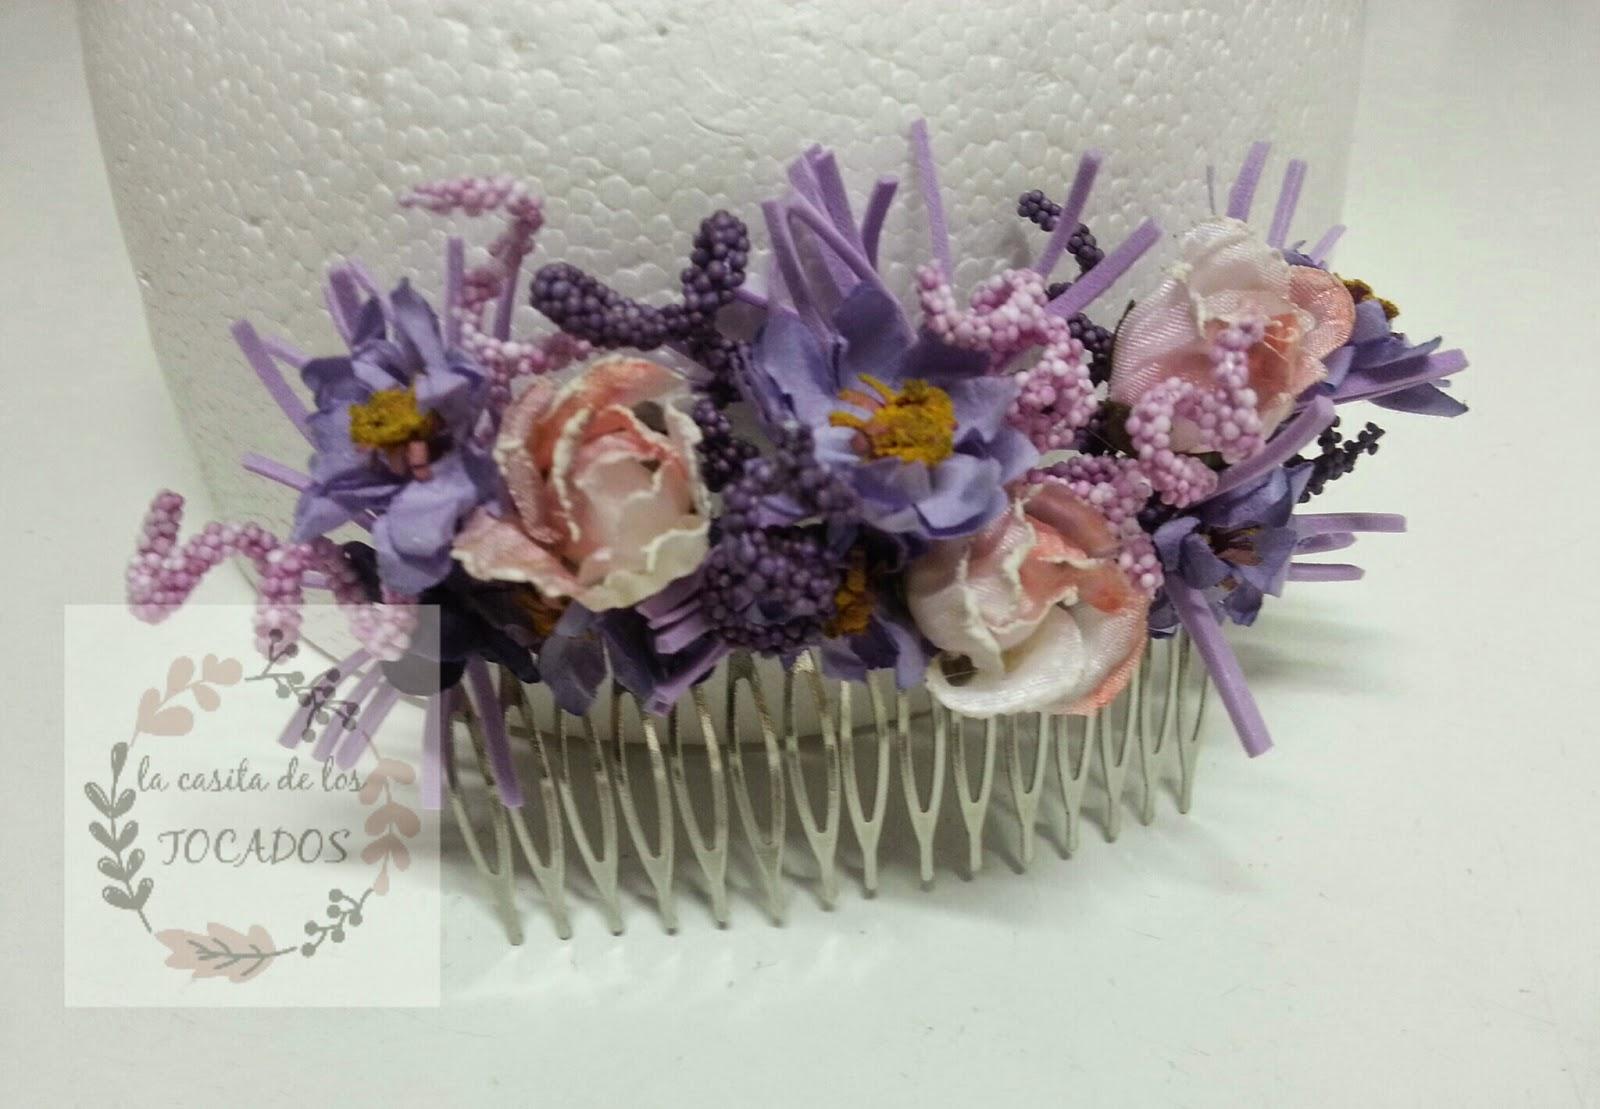 peineta decorada con flores en tonos malva, rosa y morado, con pistilos en espiral y goma eva